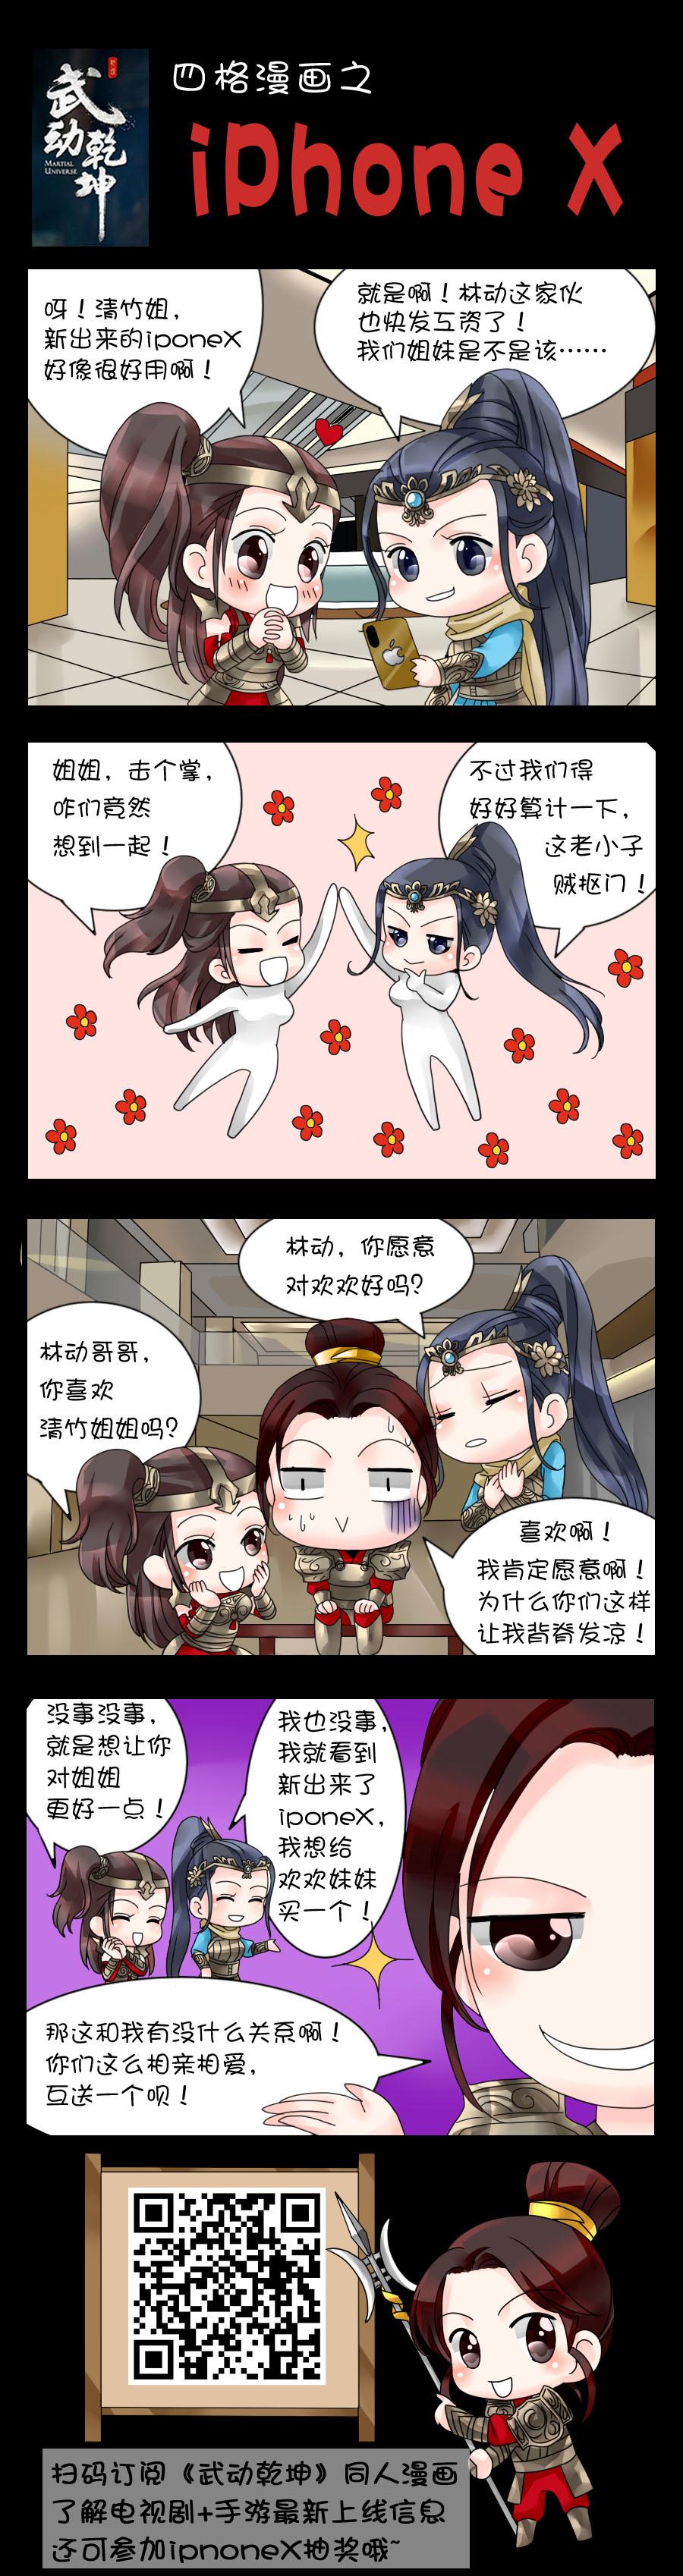 《武动乾坤》同名漫画:全新iPhone X